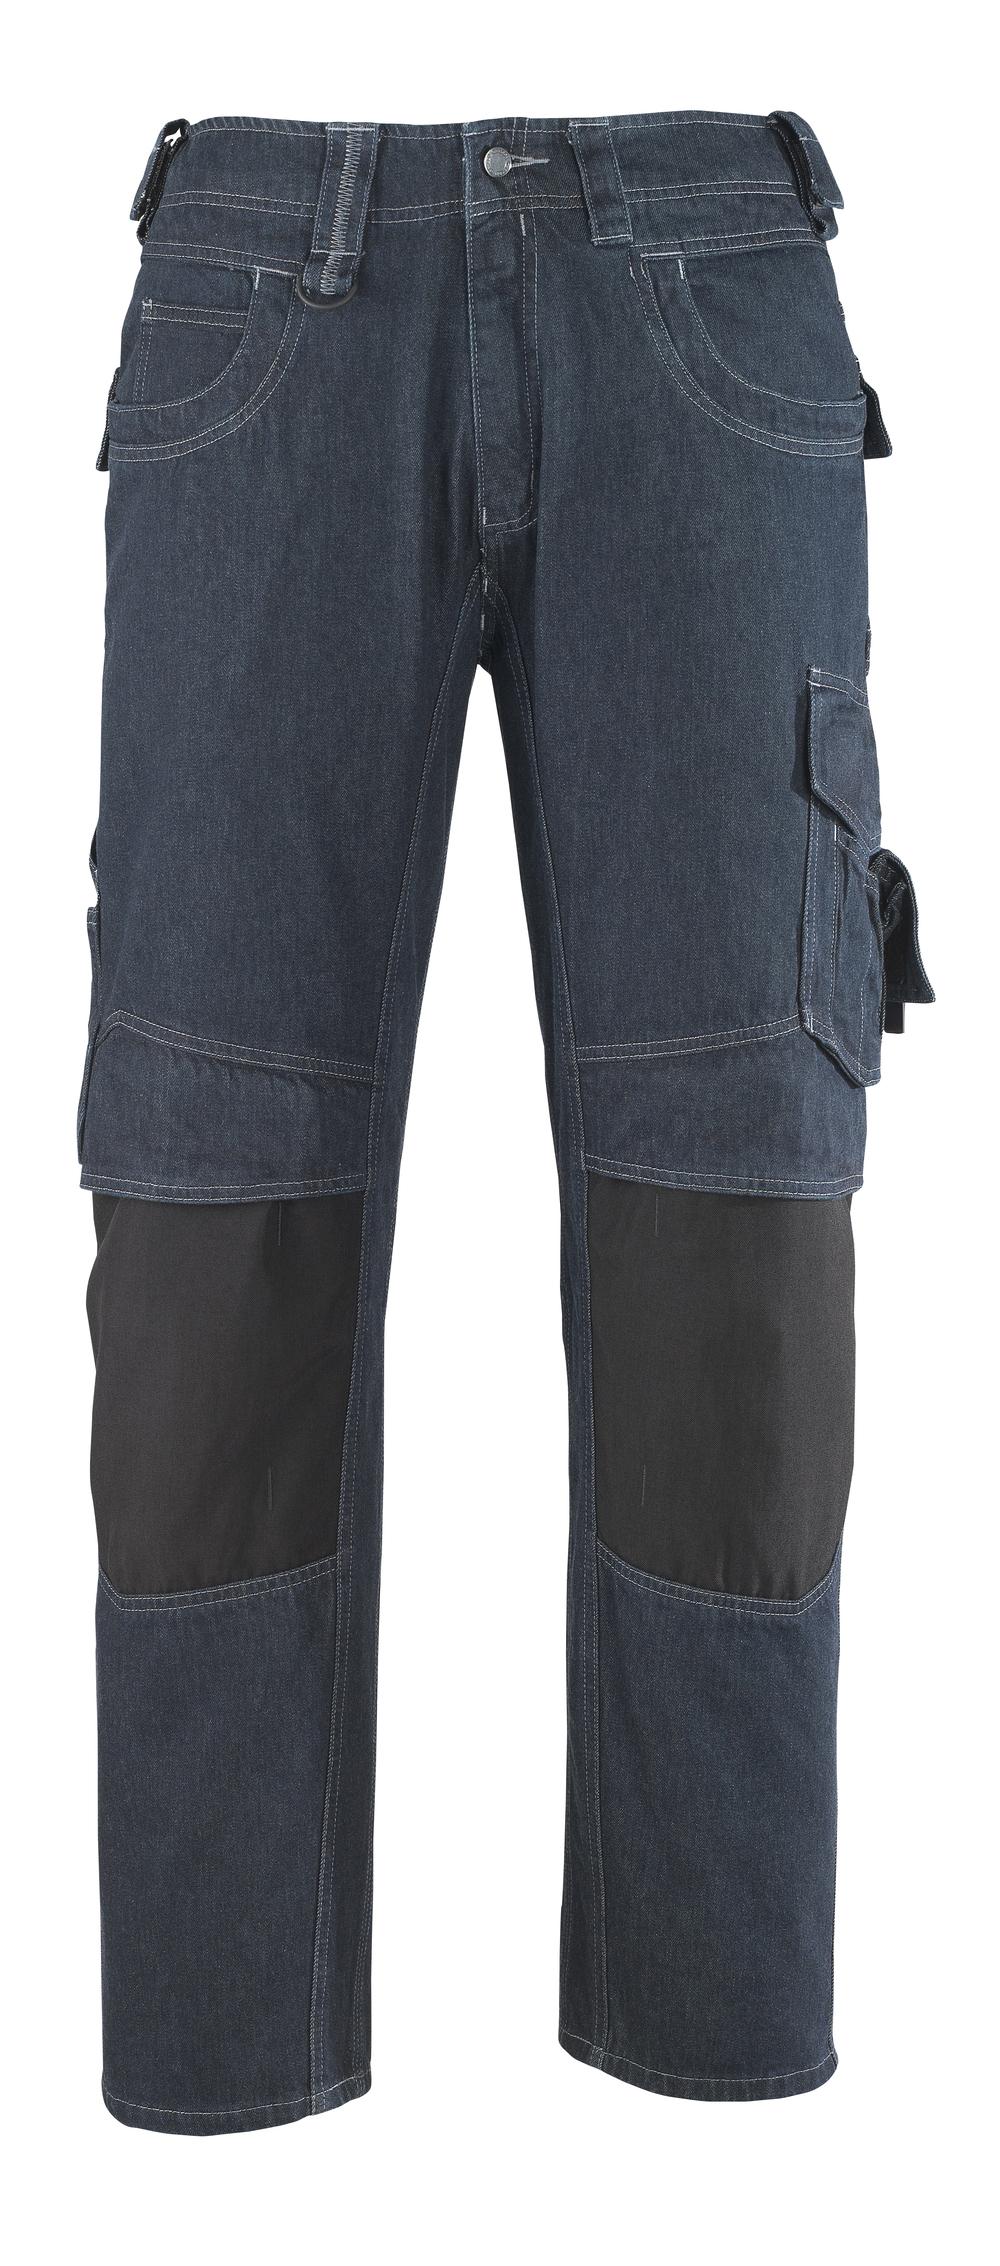 13279-207-B52 Jeans avec poches gensouillères - Bleu denim